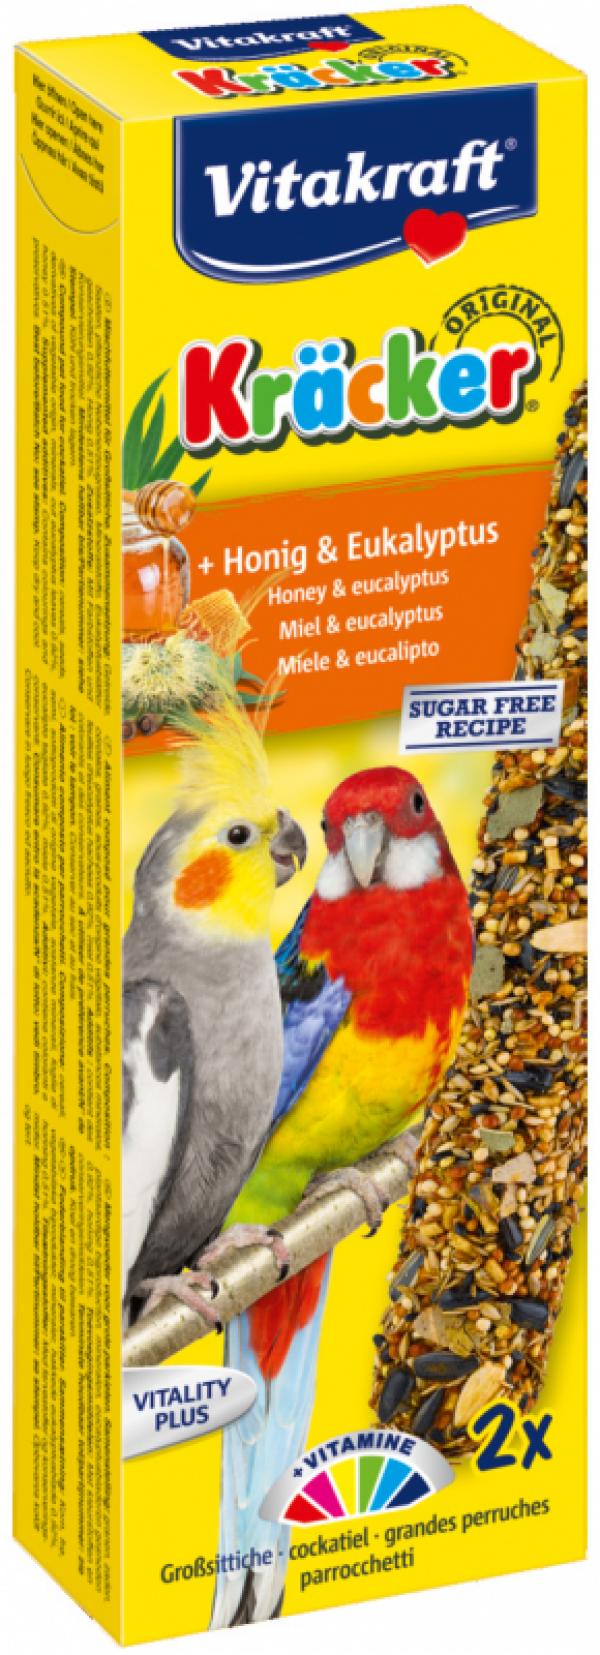 Vitakraft Kräcker valkparkiet met honing en eucalyptus